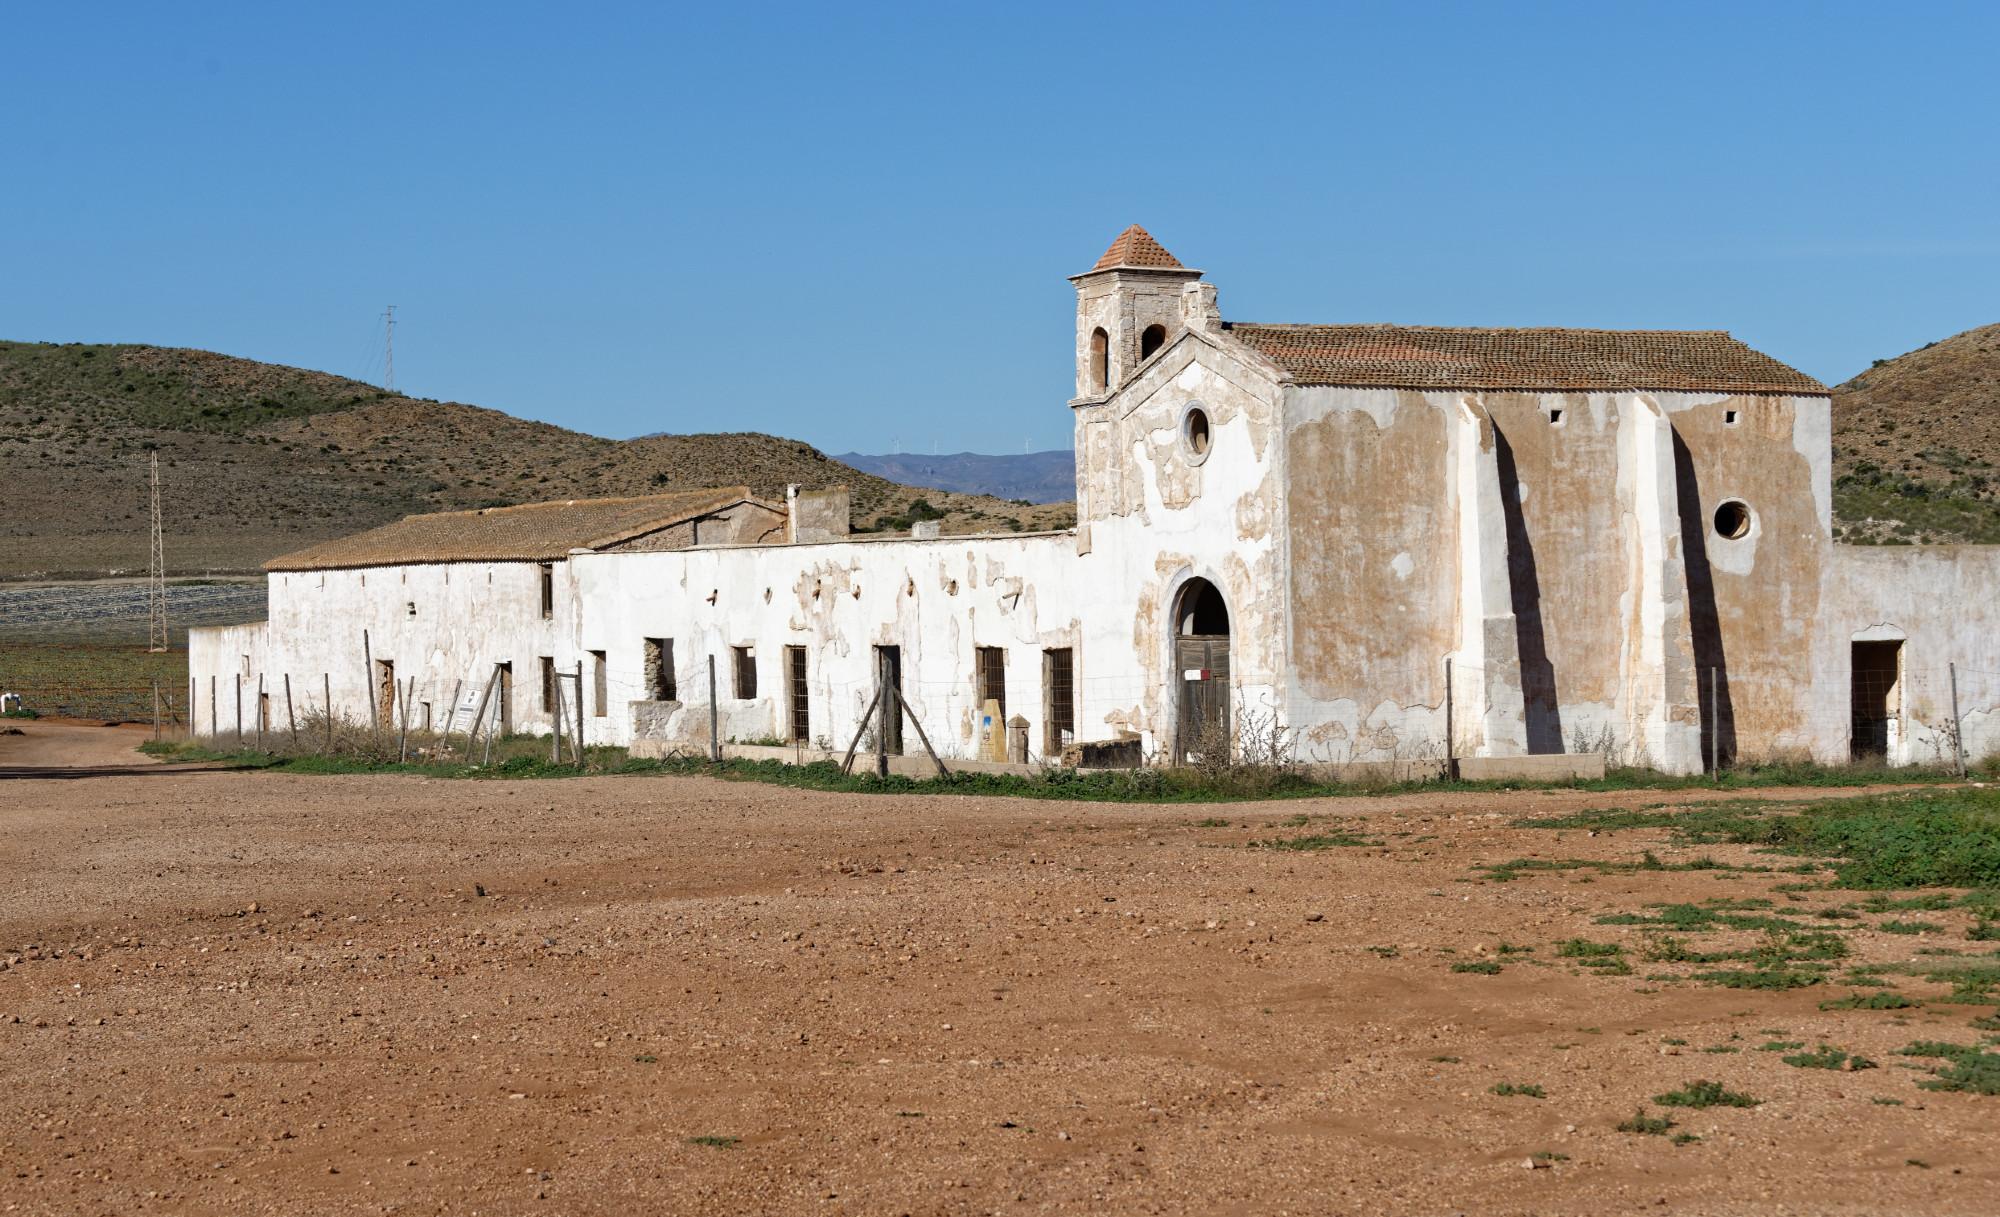 171218-Piste Rodalquilar vers Cortijo del Fraile (Cabo de Gata-Andalousie) (71)